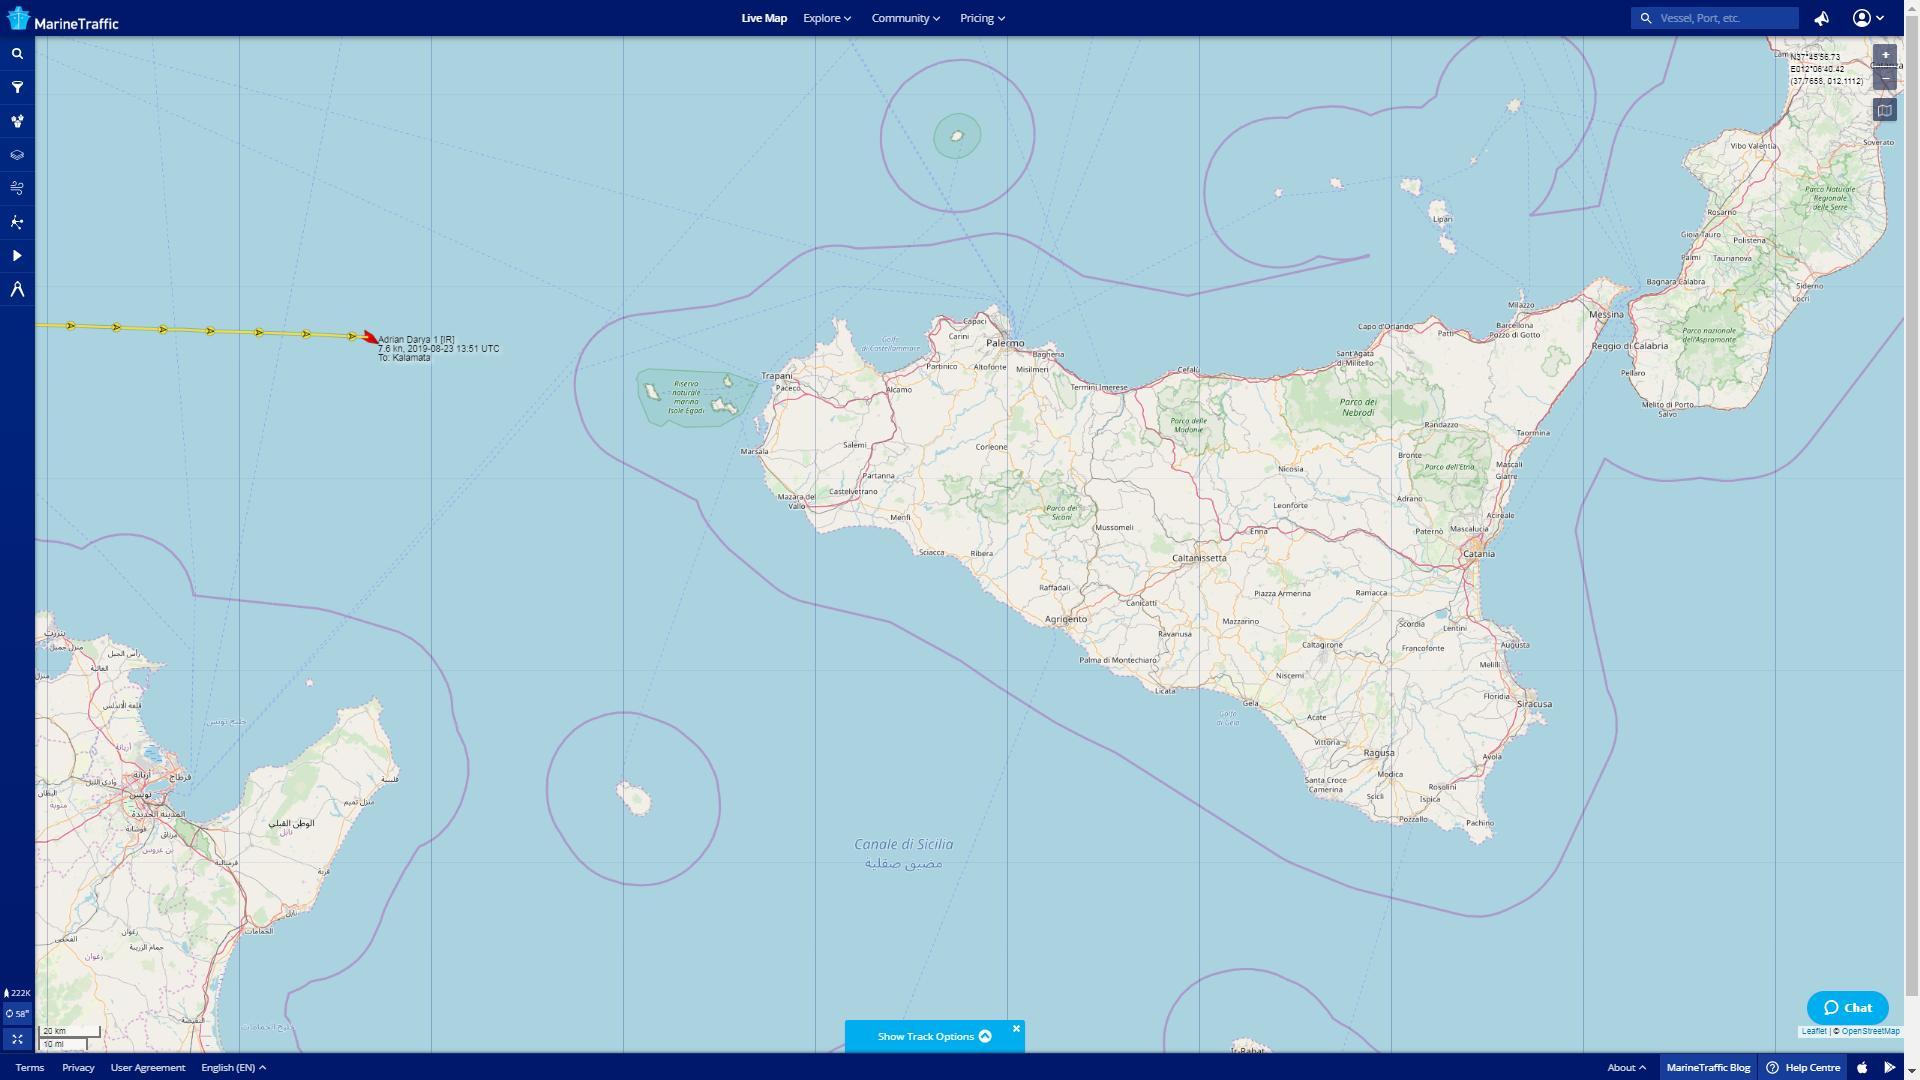 Adrian Darya 1 άλλαξες πορεία τις τελευταίες ώρες και κατευθύνεται νοτιοανατολικά της Σικελίας